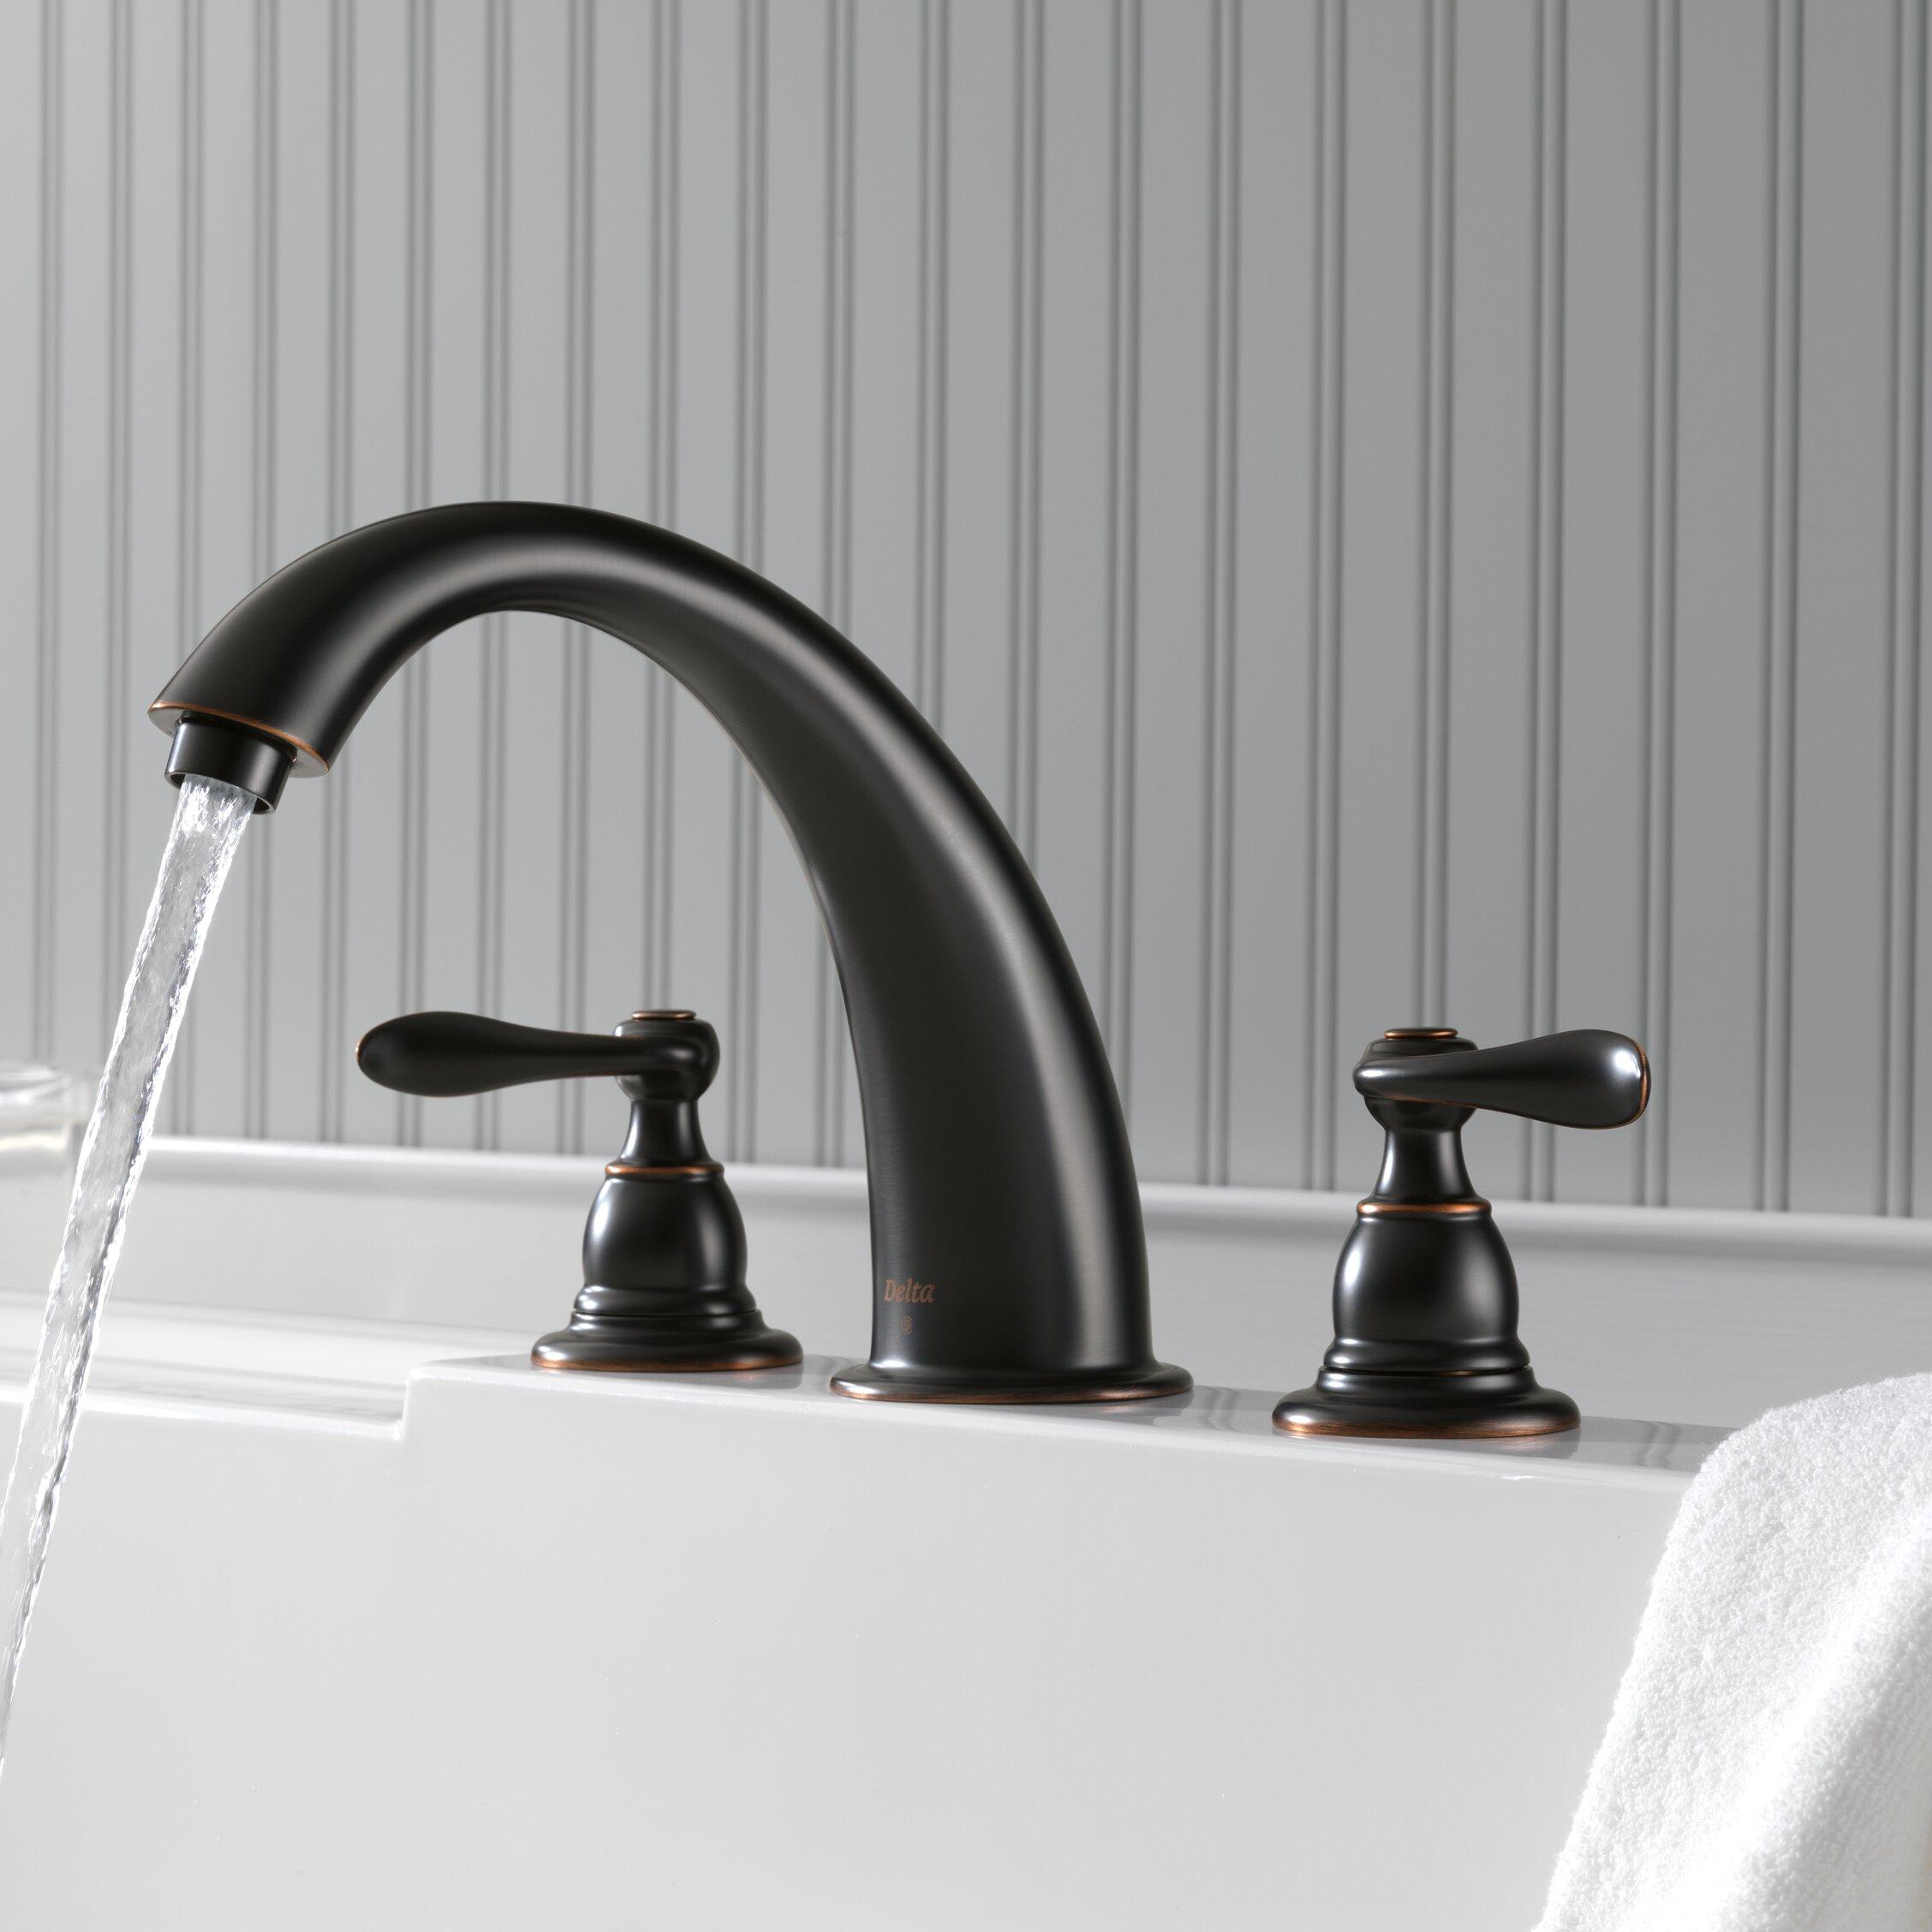 Bt2796 Ss Ob Delta Windemere Double Handle Deck Mounted Roman Tub Faucet Trim Reviews Wayfair